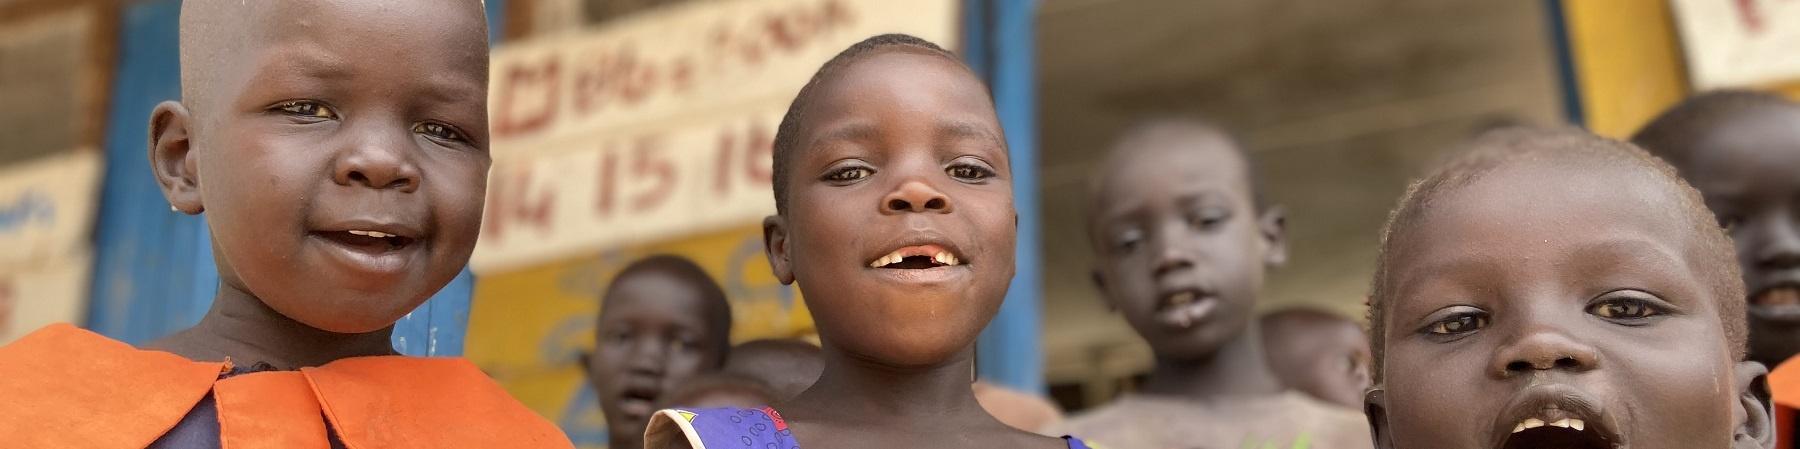 Tre bambini ugandesi in primo piano sorridono in camera. Sullo sfondo struttura in legno della scuola